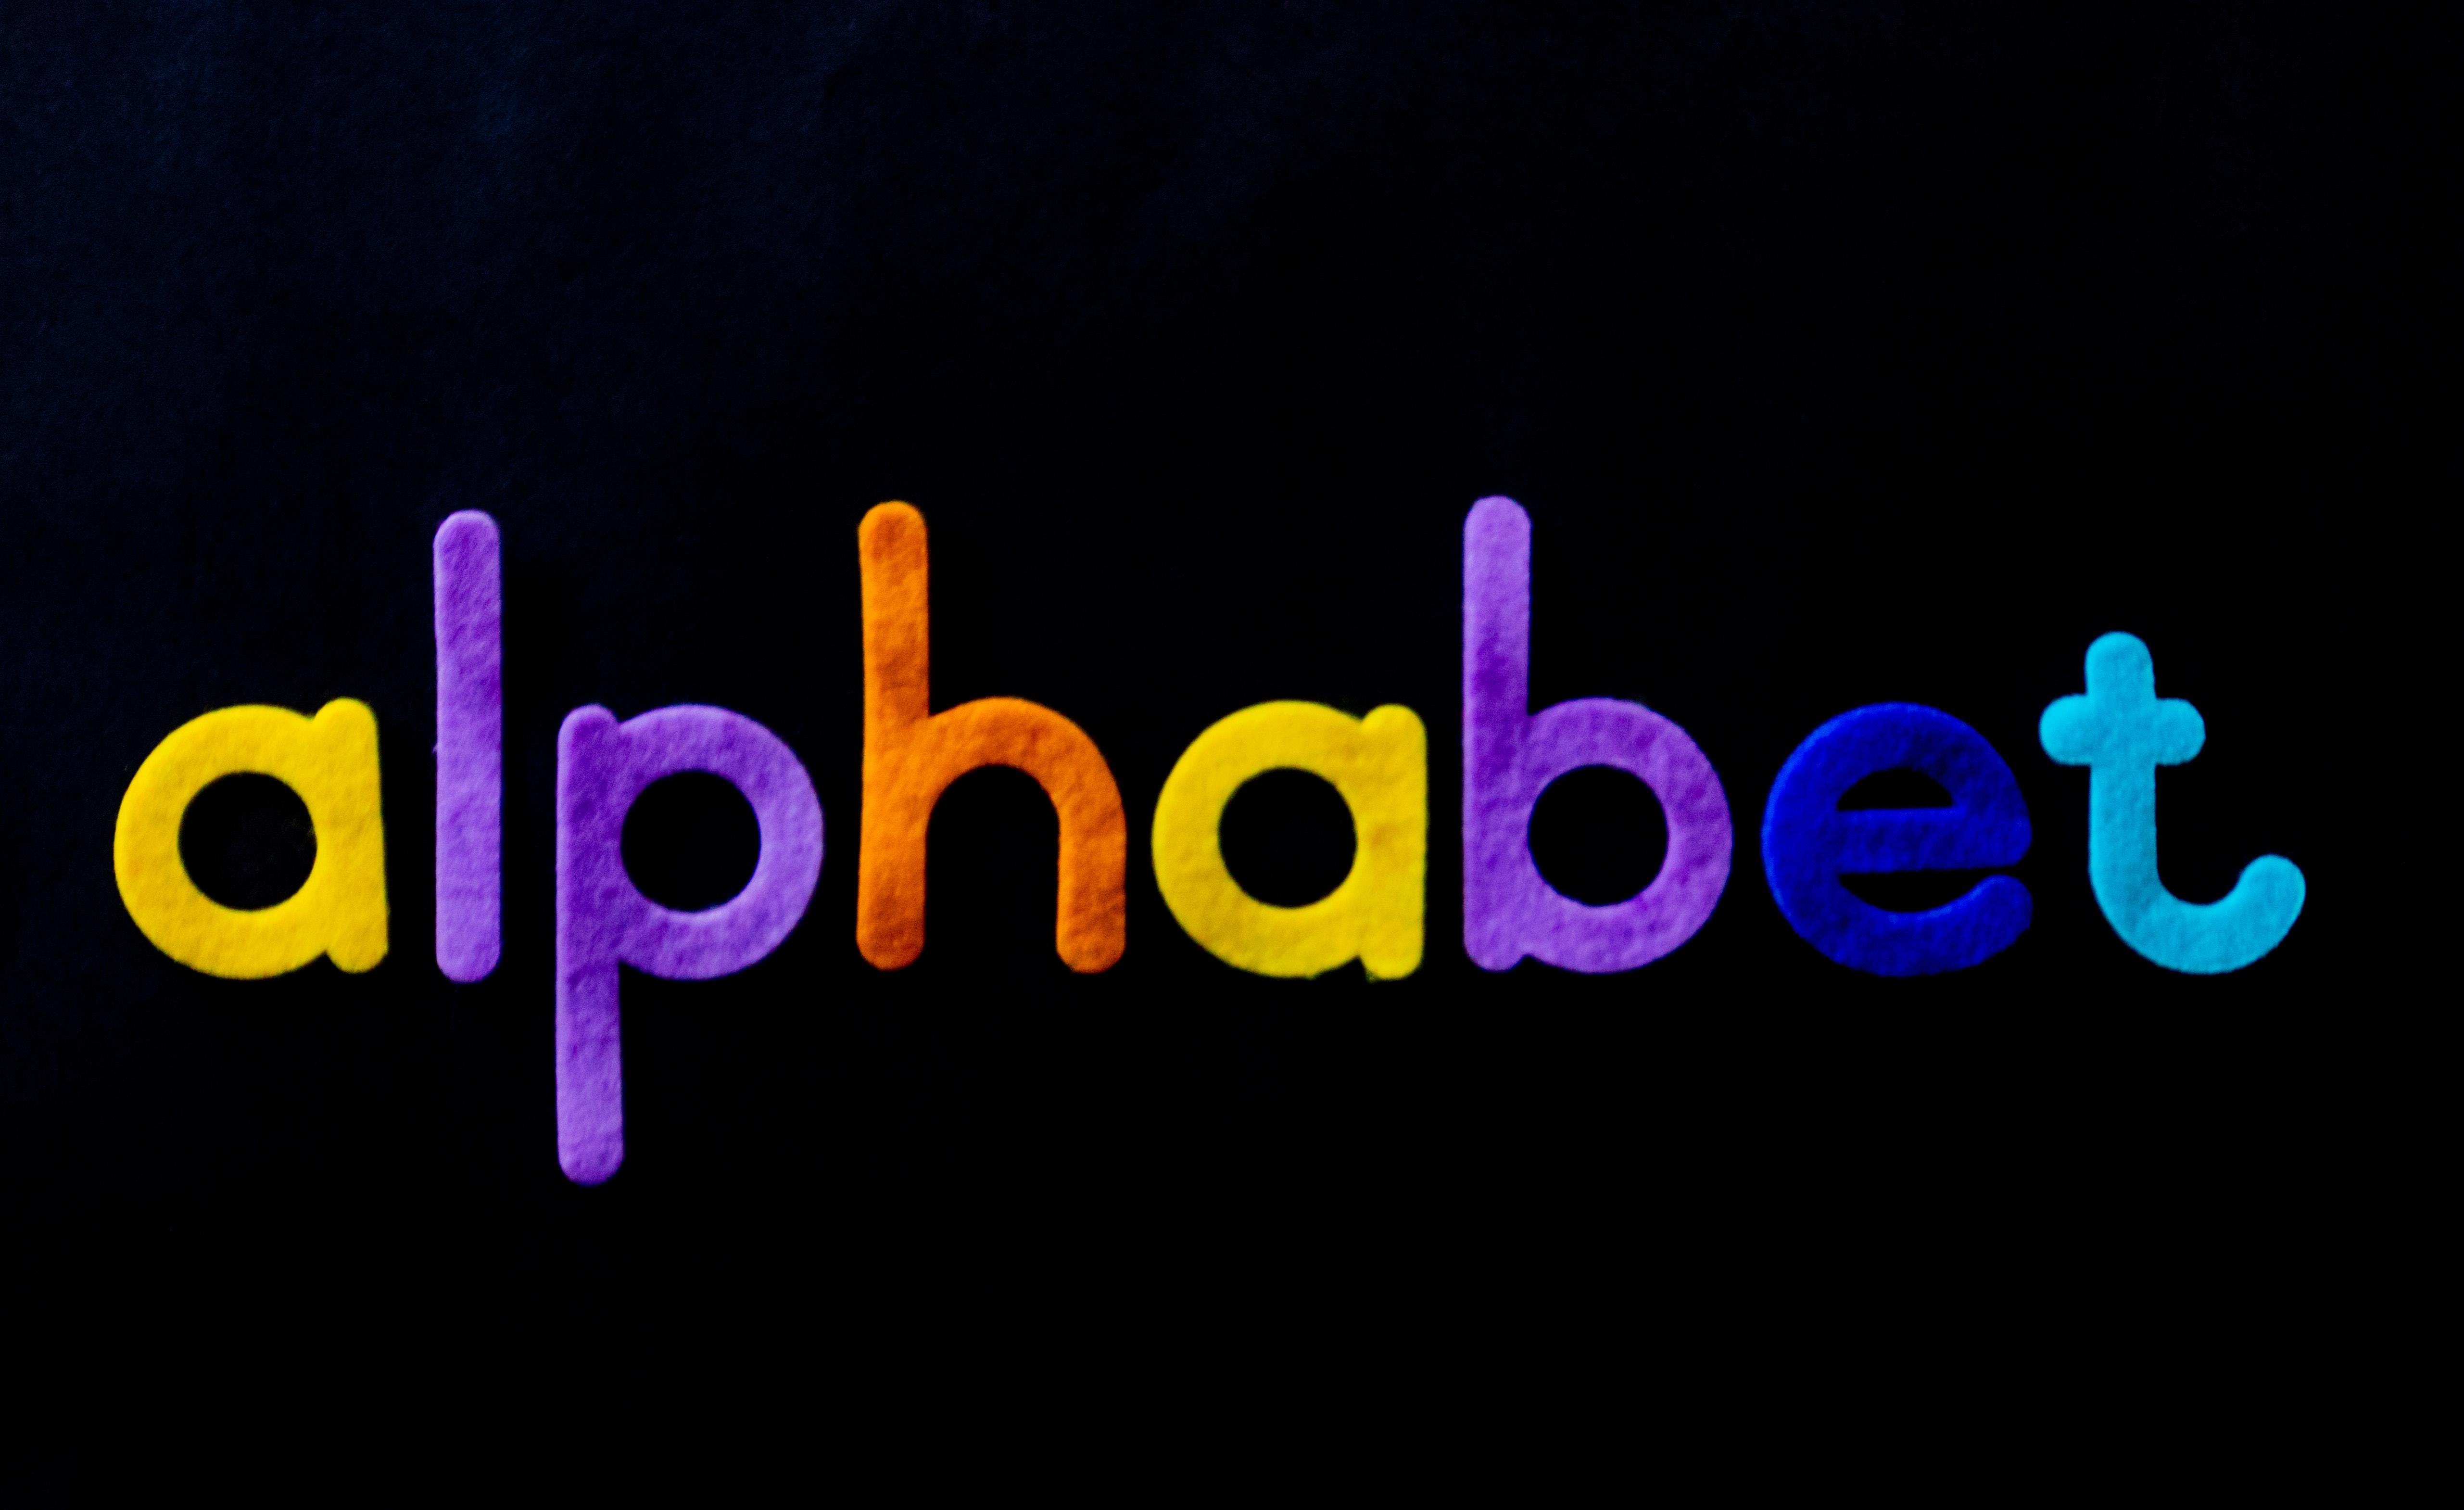 шрифты для логотипа баннер